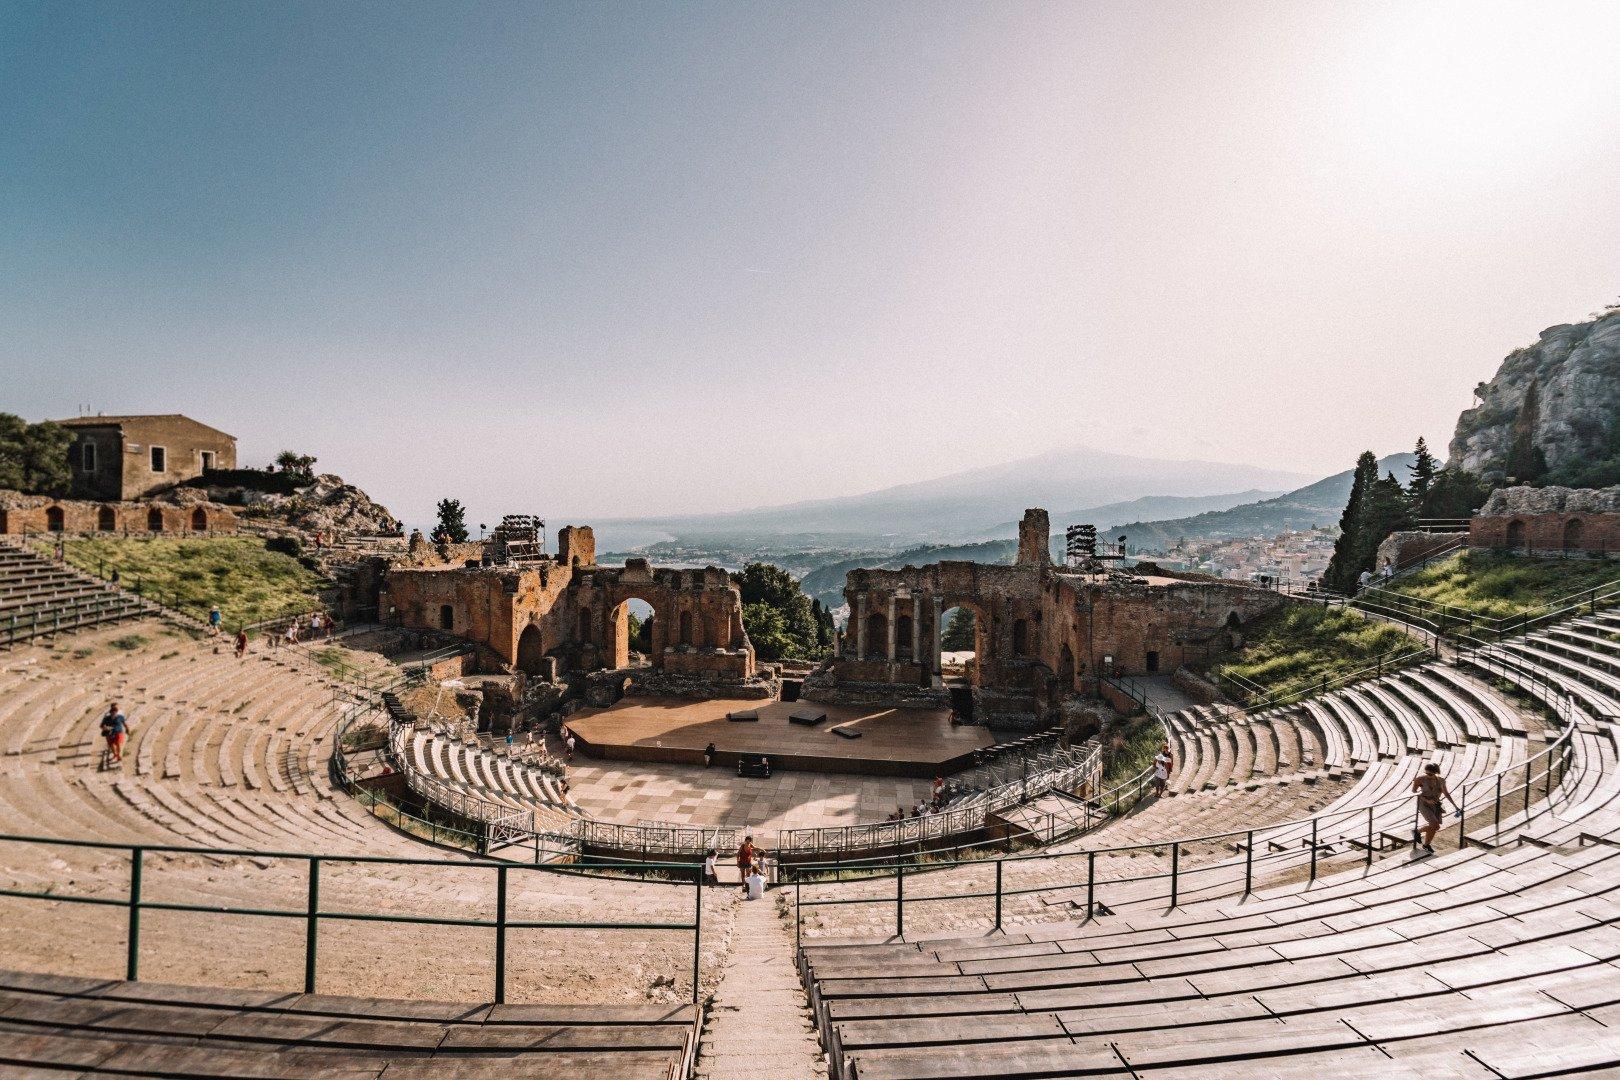 federico di dio photography Zw CMLoNILg unsplash - Rondreis route 1 week Sicilië: laat je betoveren door Oost-Sicilië